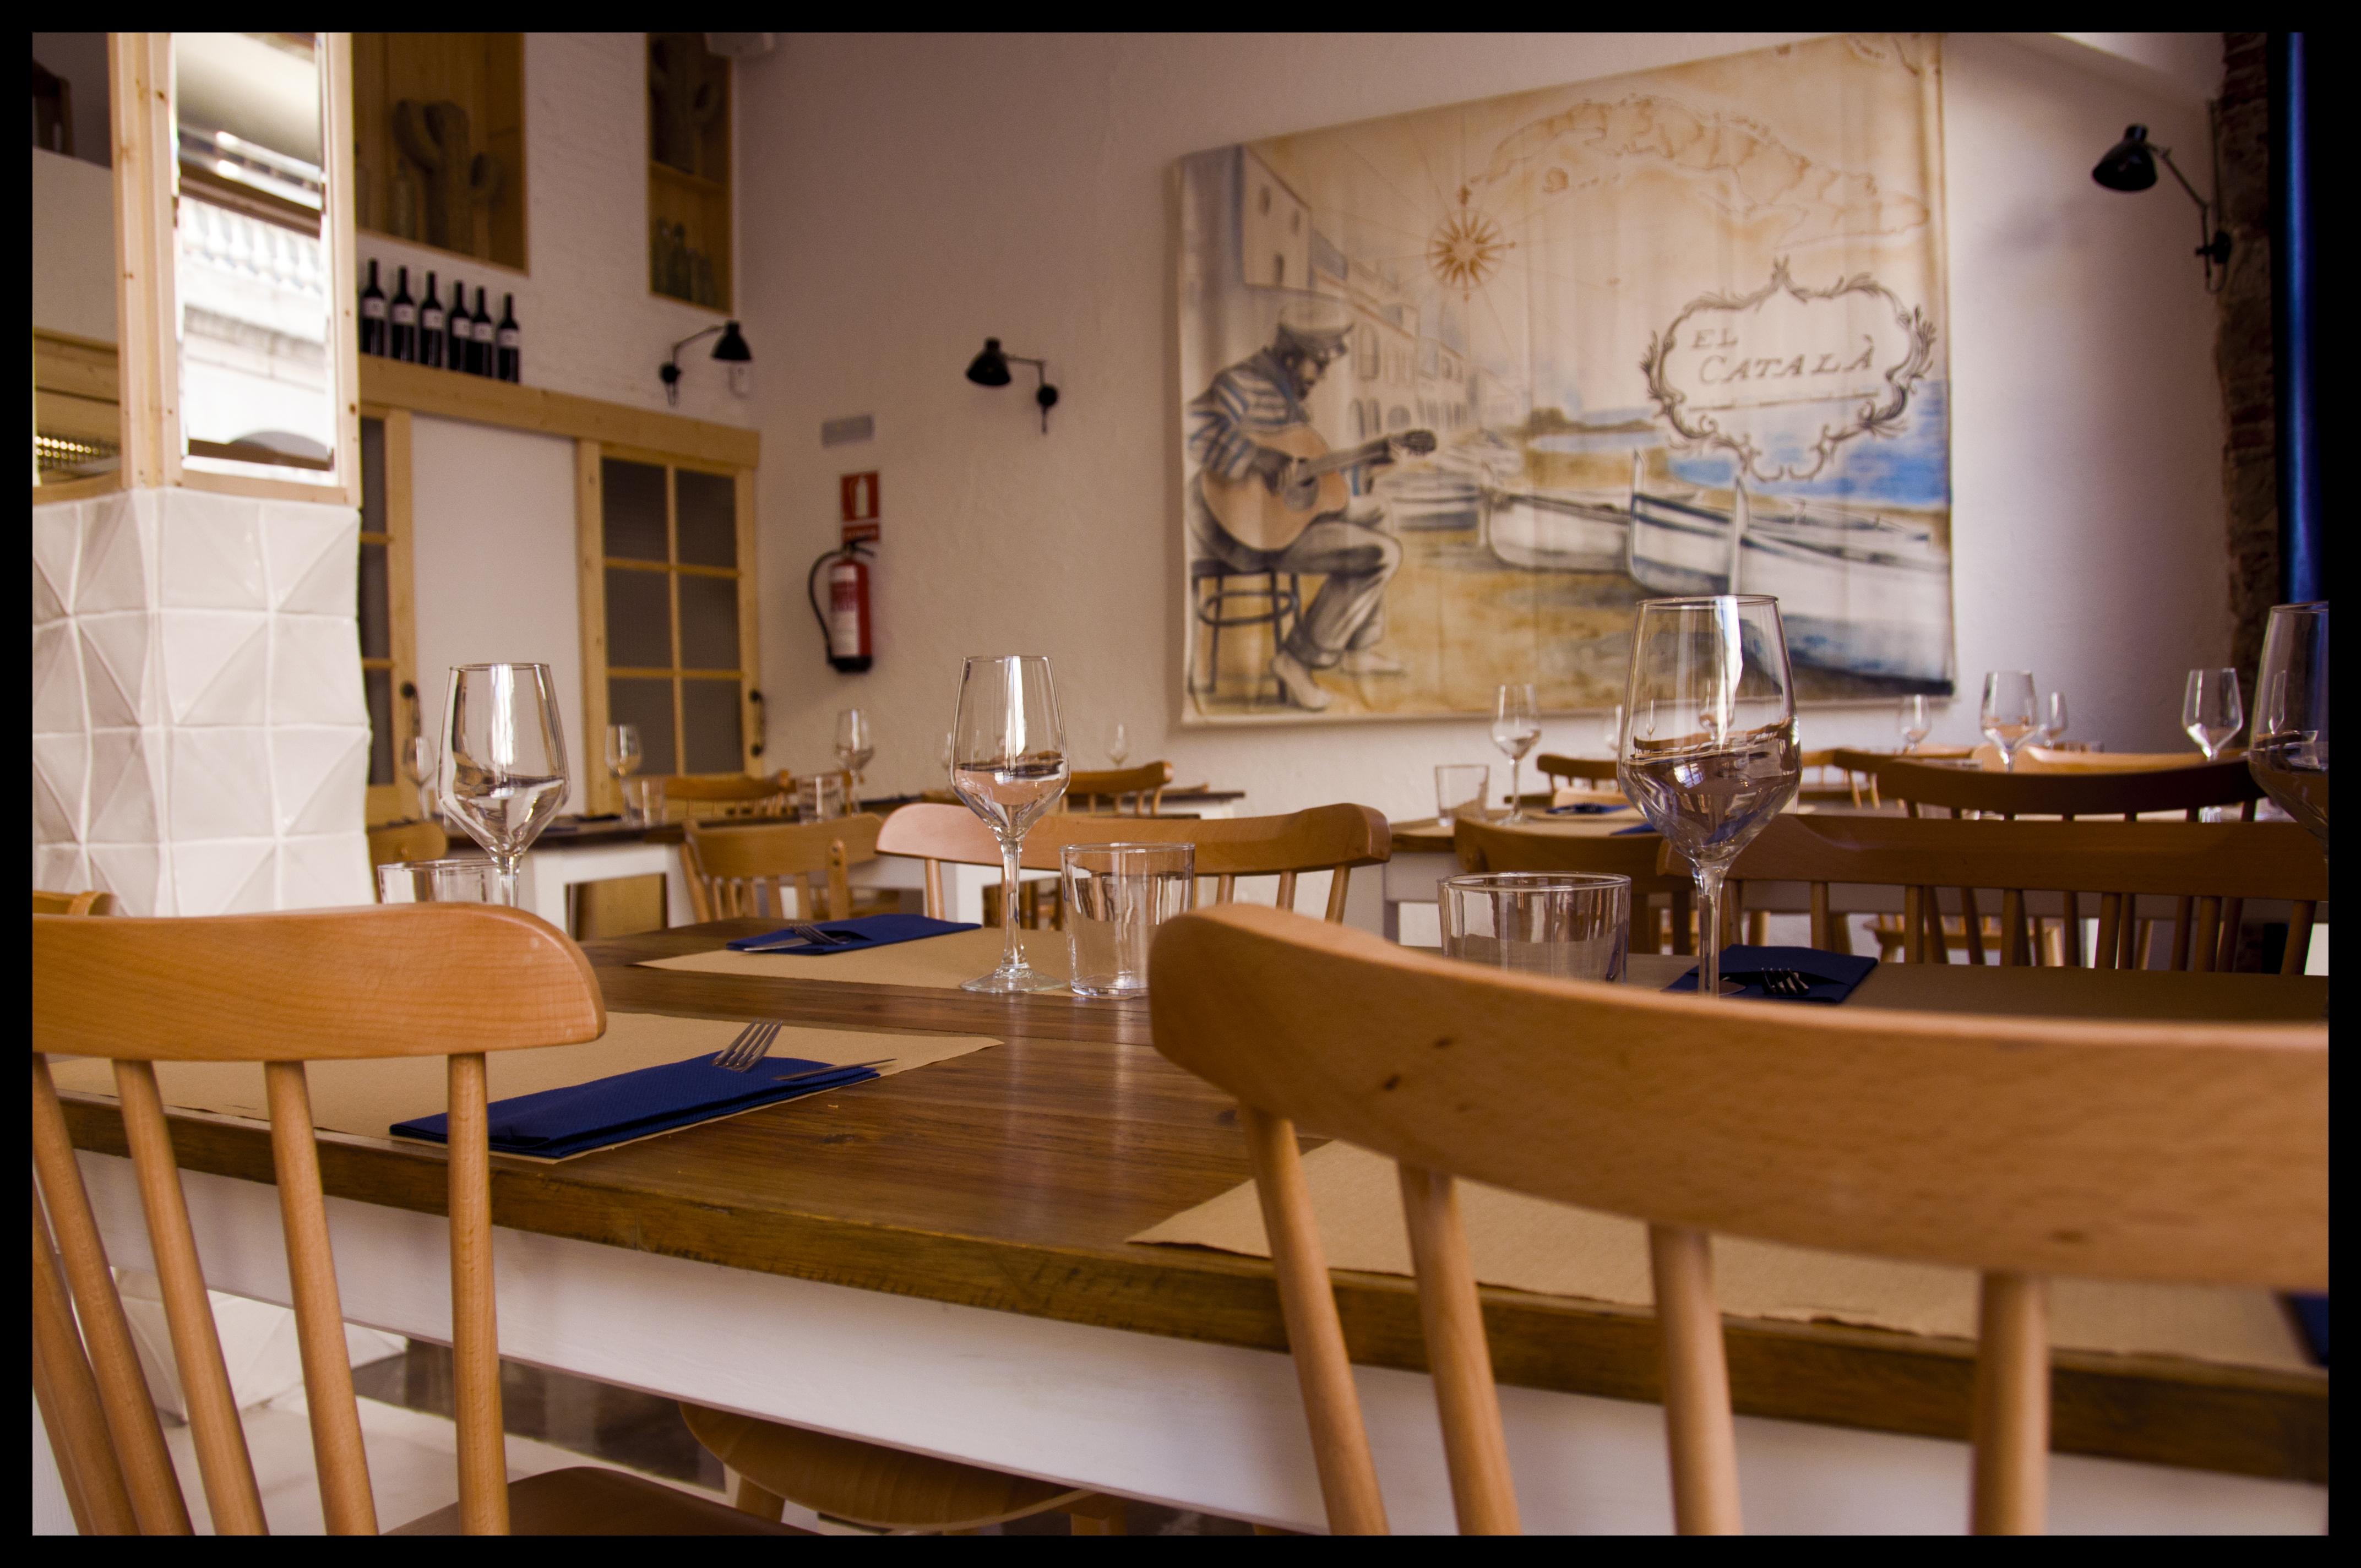 un restaurante con sabor mediterr neo el catal el